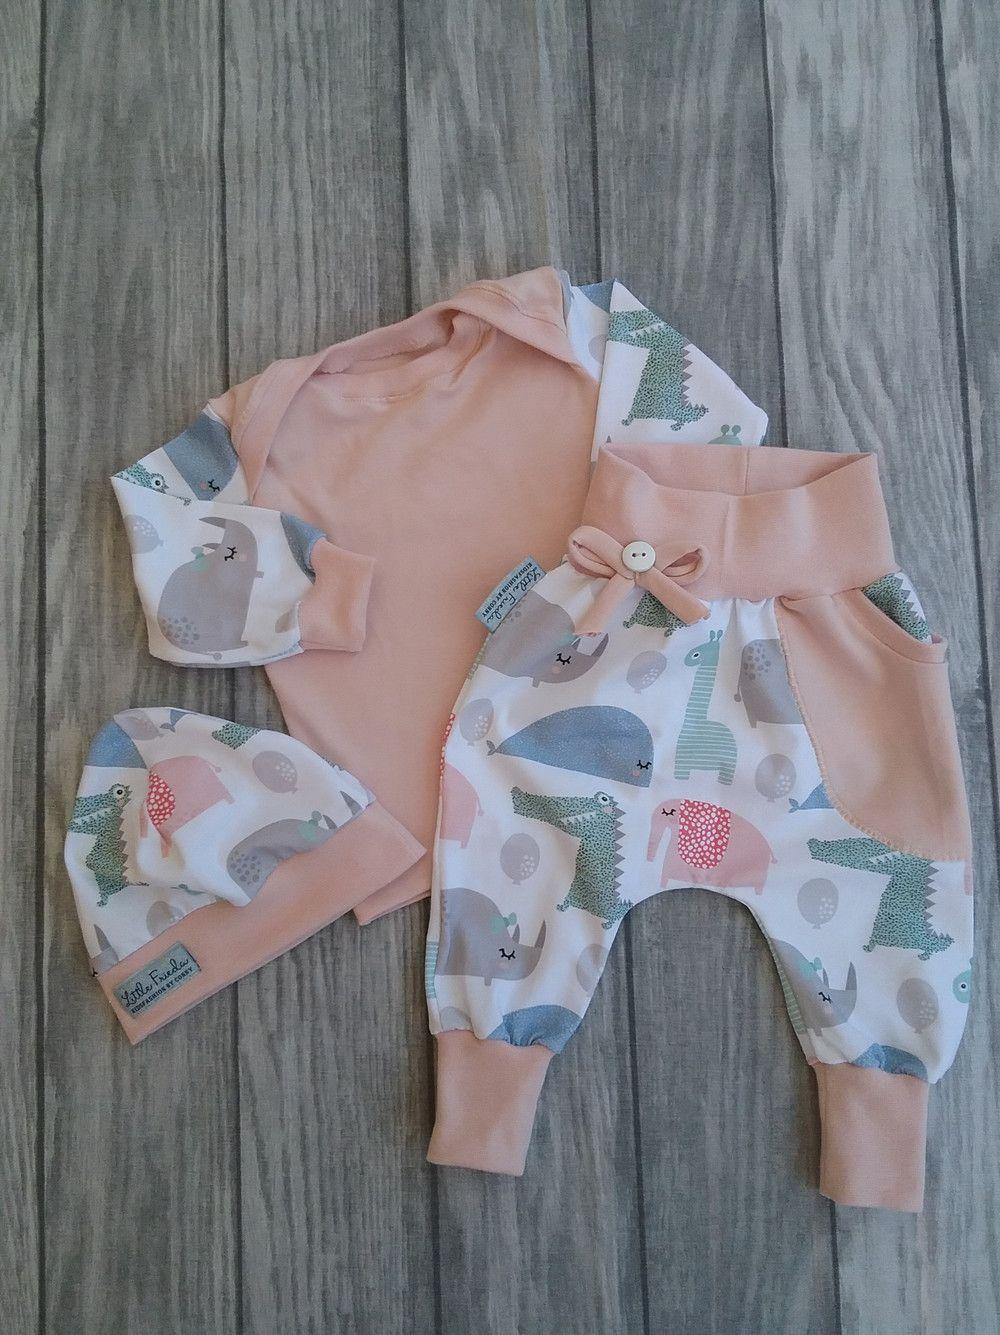 Sets - Set Shirt & Pumphose Mädchen Baby Kinder  - ein Designerstück von LittleFrieda-KidsfashionByConny bei DaWanda #babyshirts